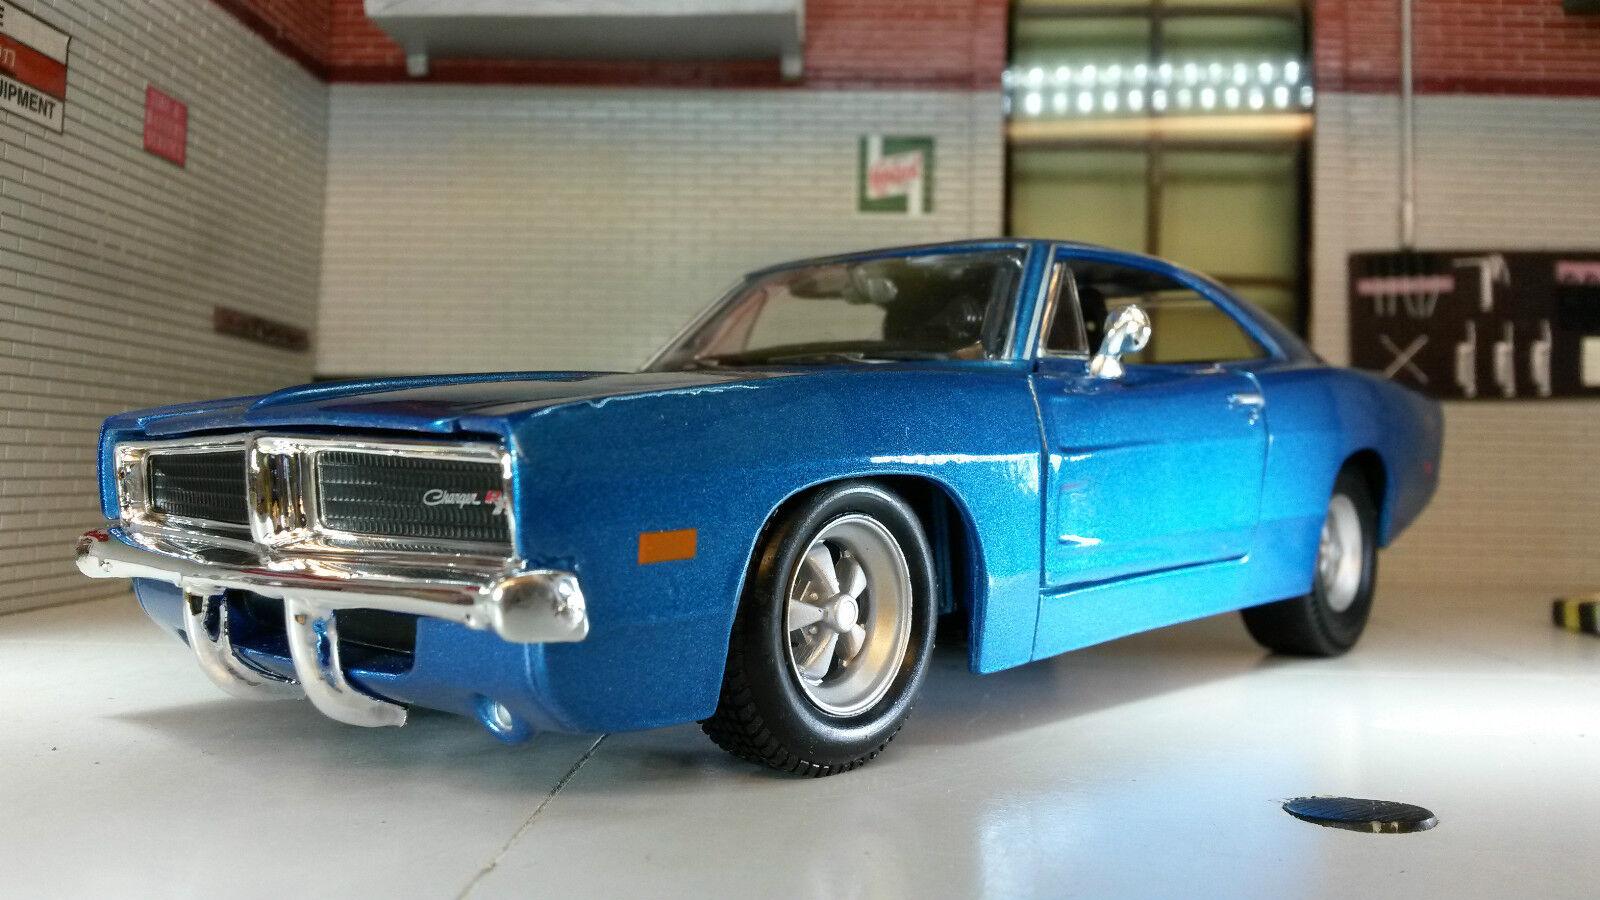 1 24 25 Scala Dodge Charger blå R  T 1969 V8 Maisto bil modelllllerlerlo 31256 LGB